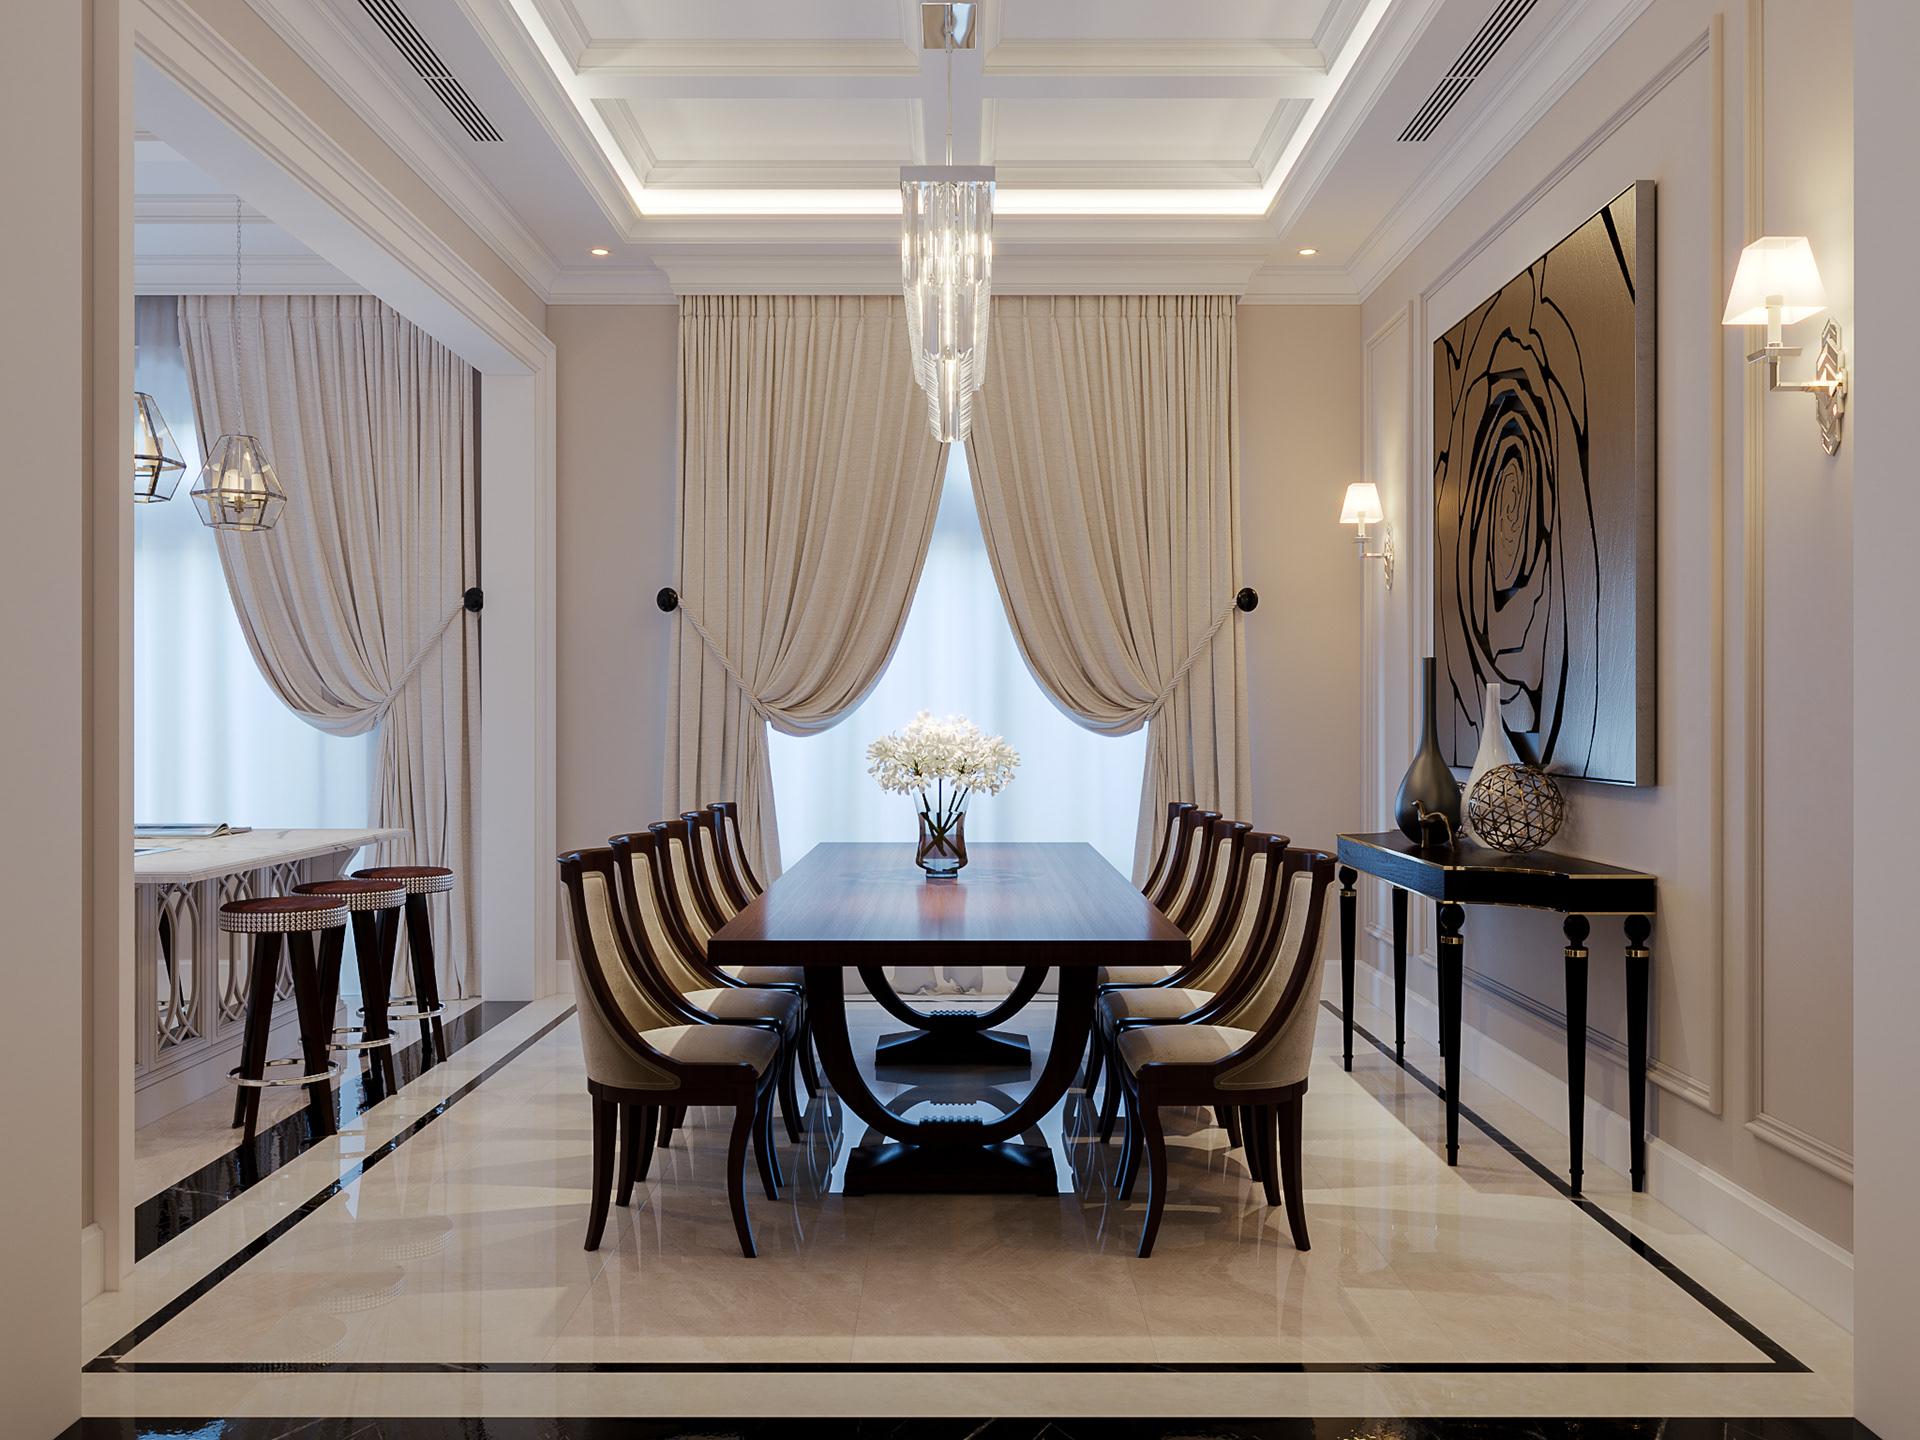 thiết kế nội thất chung cư tại Hà Nội CĂN HỘ TÂN CỔ ĐIỂN SANG TRỌNG VINHOME RIVERSIDE 4 1533269355